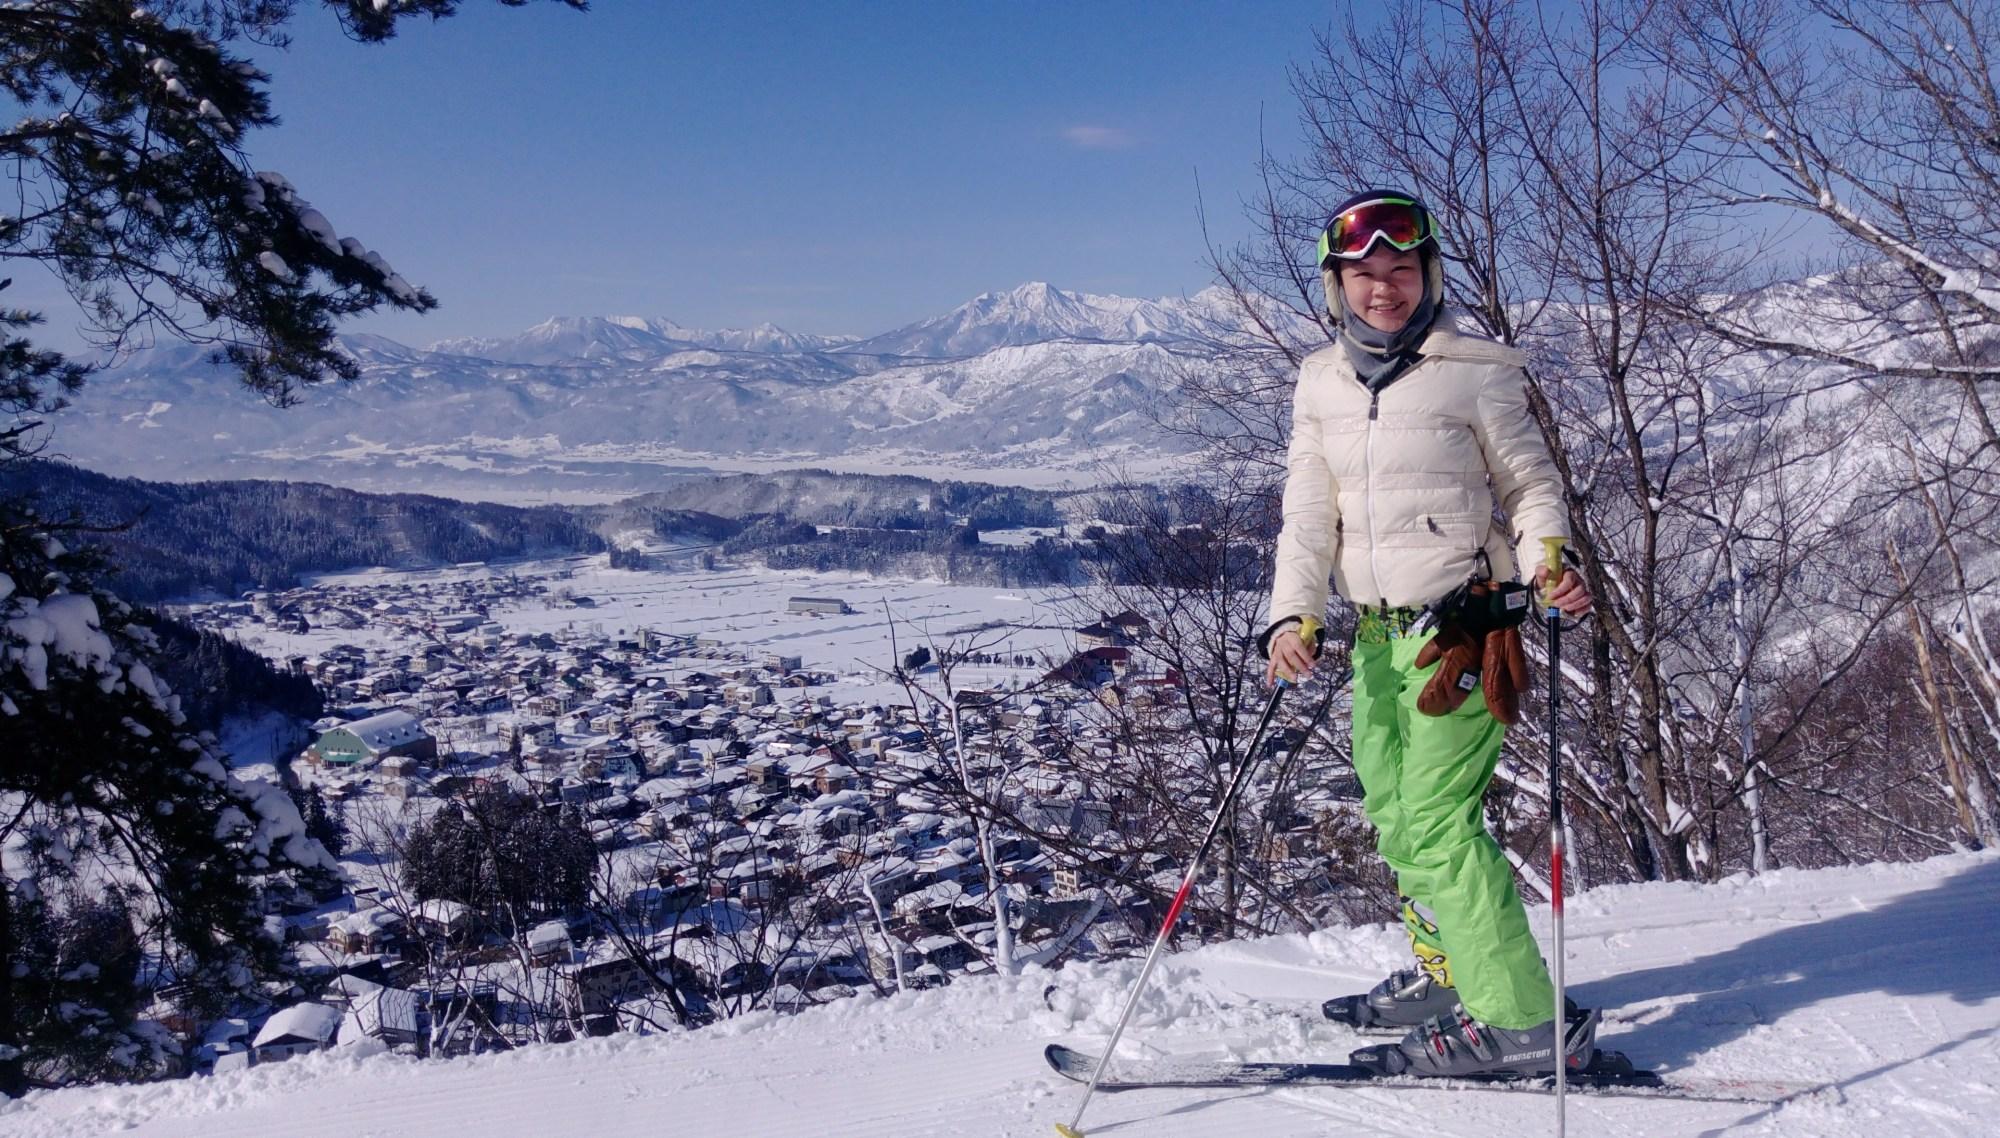 20190128雪山派日本野澤溫泉滑雪五日遊 – 尚海派國外特殊旅遊專區